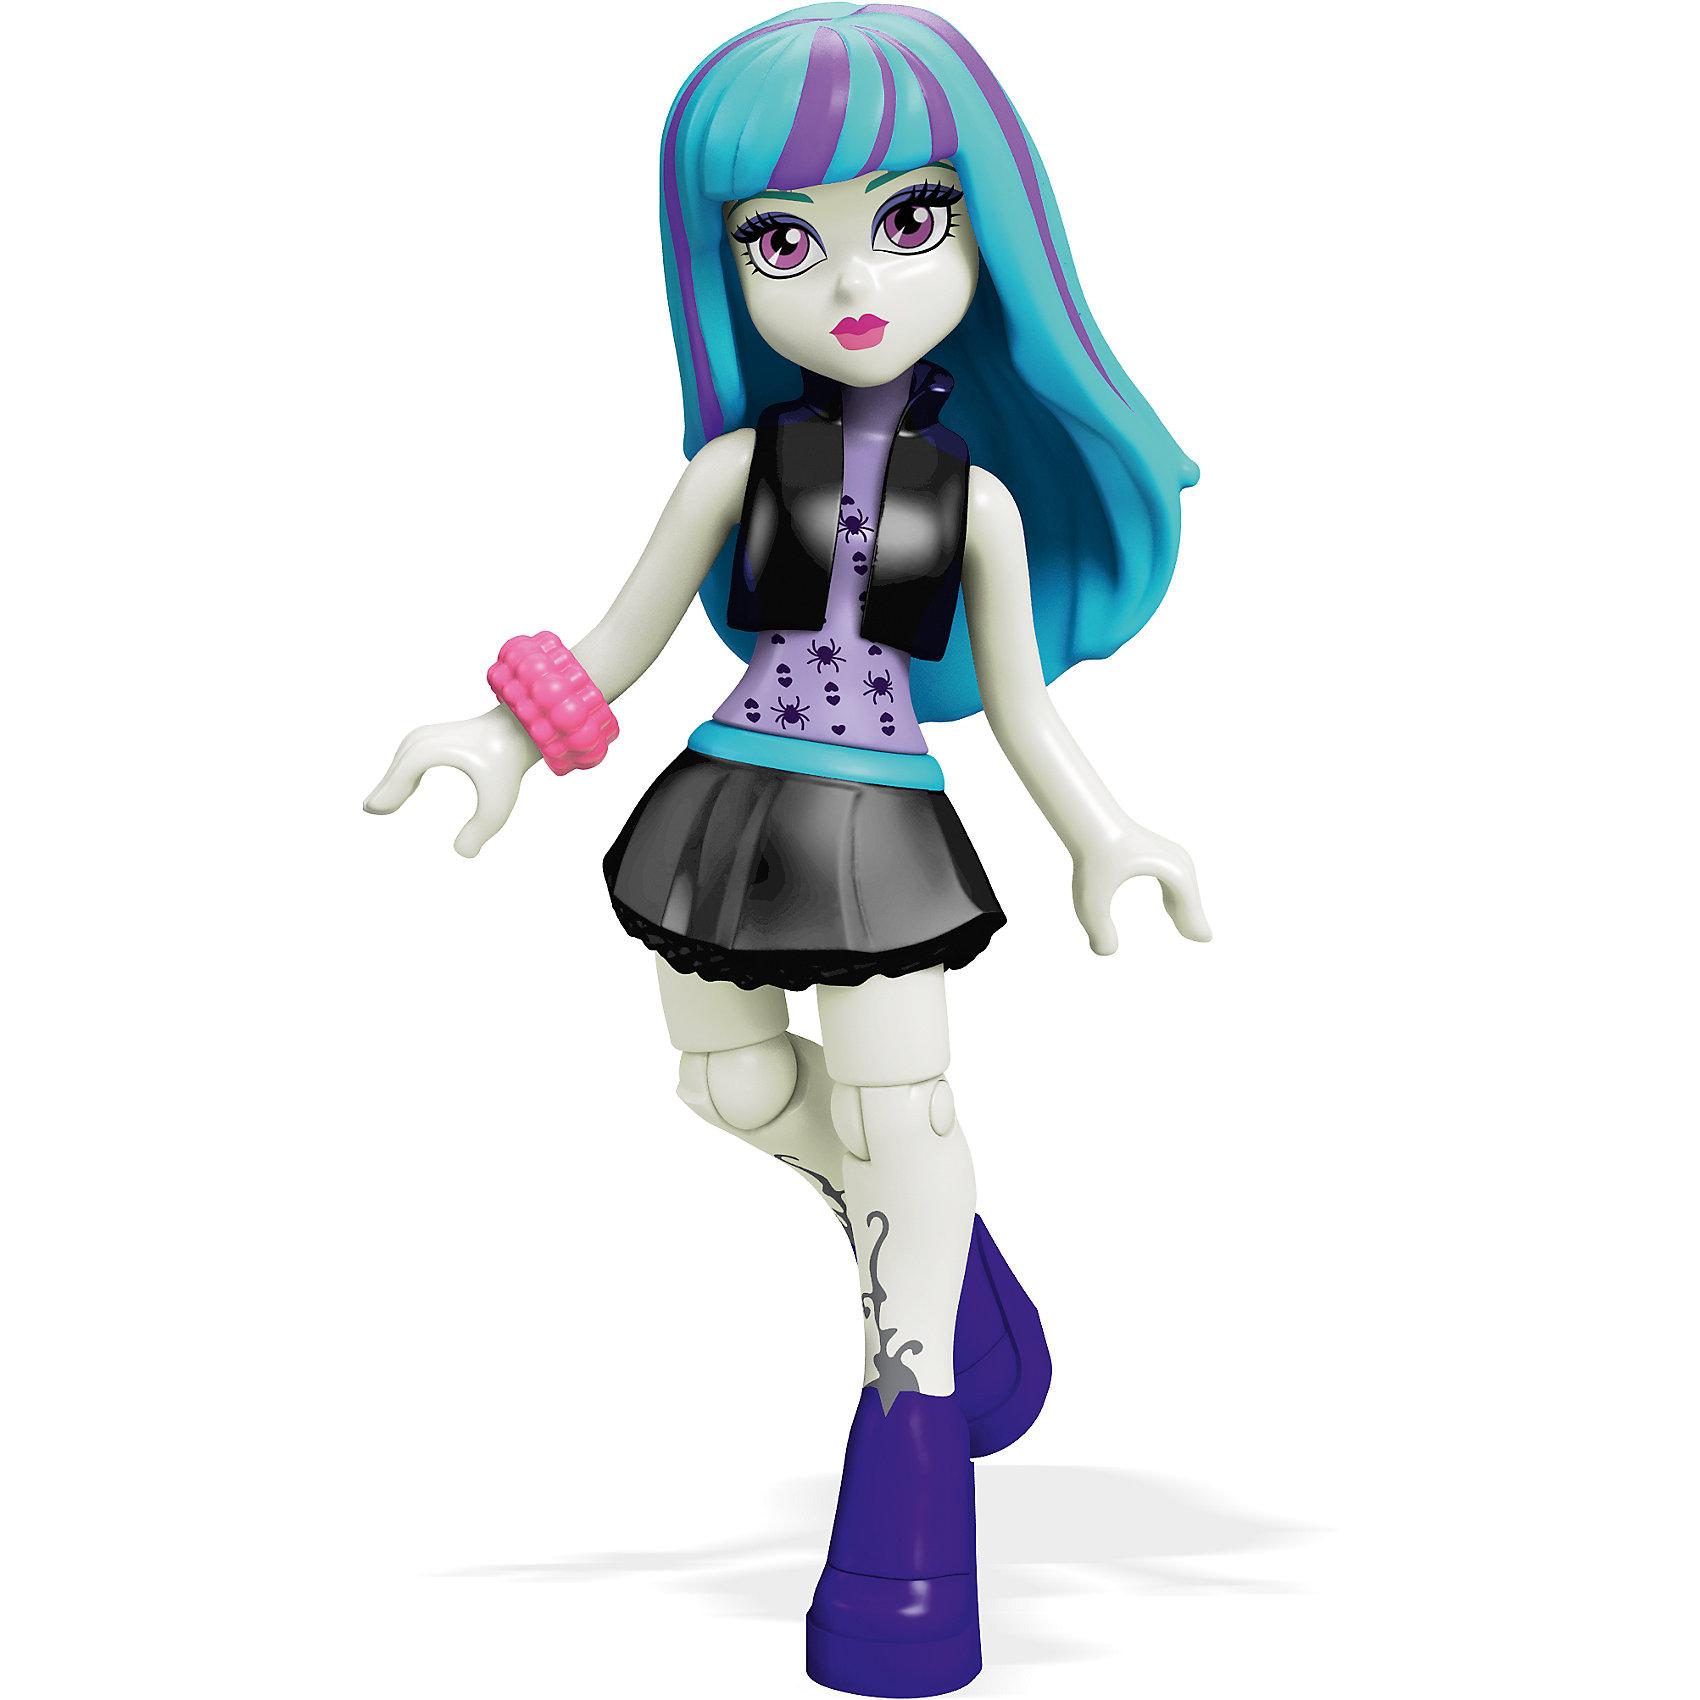 Мини-кукла Mega Bloks Monster High Твайла, 12,5 смМини-куклы<br><br><br>Ширина мм: 125<br>Глубина мм: 85<br>Высота мм: 25<br>Вес г: 17<br>Возраст от месяцев: 72<br>Возраст до месяцев: 144<br>Пол: Женский<br>Возраст: Детский<br>SKU: 5559843